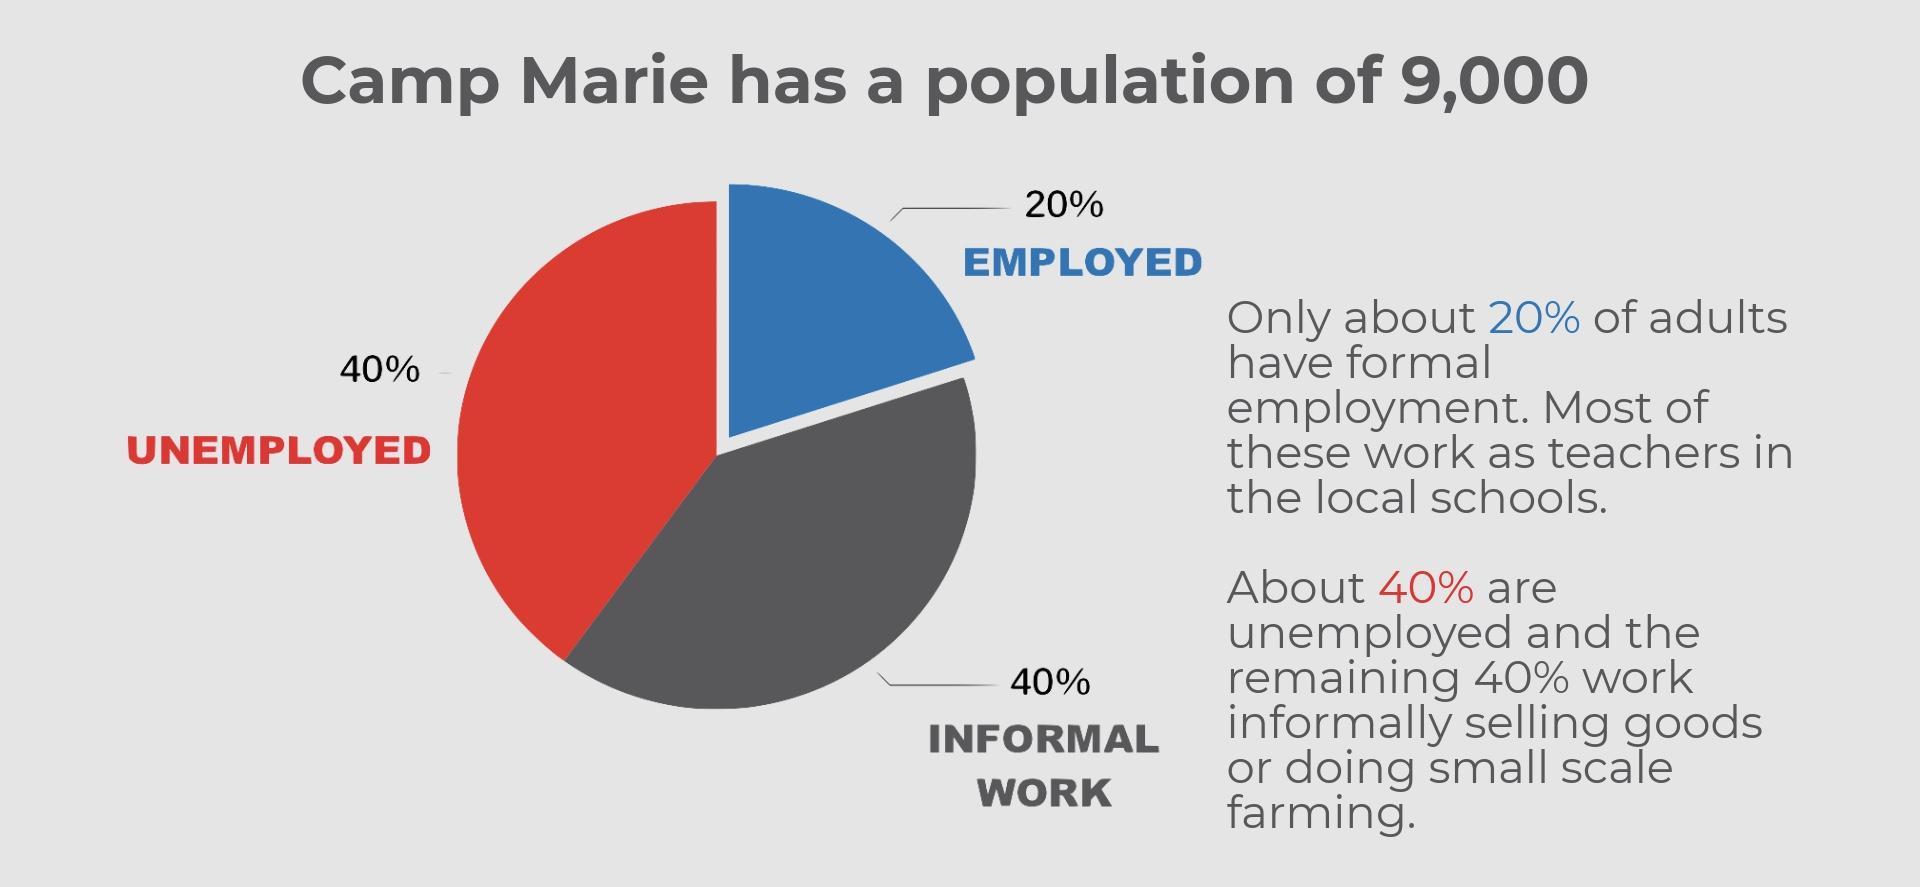 Haiti, Camp Marie, Camp Mary, Population, Employed, Unemployed.